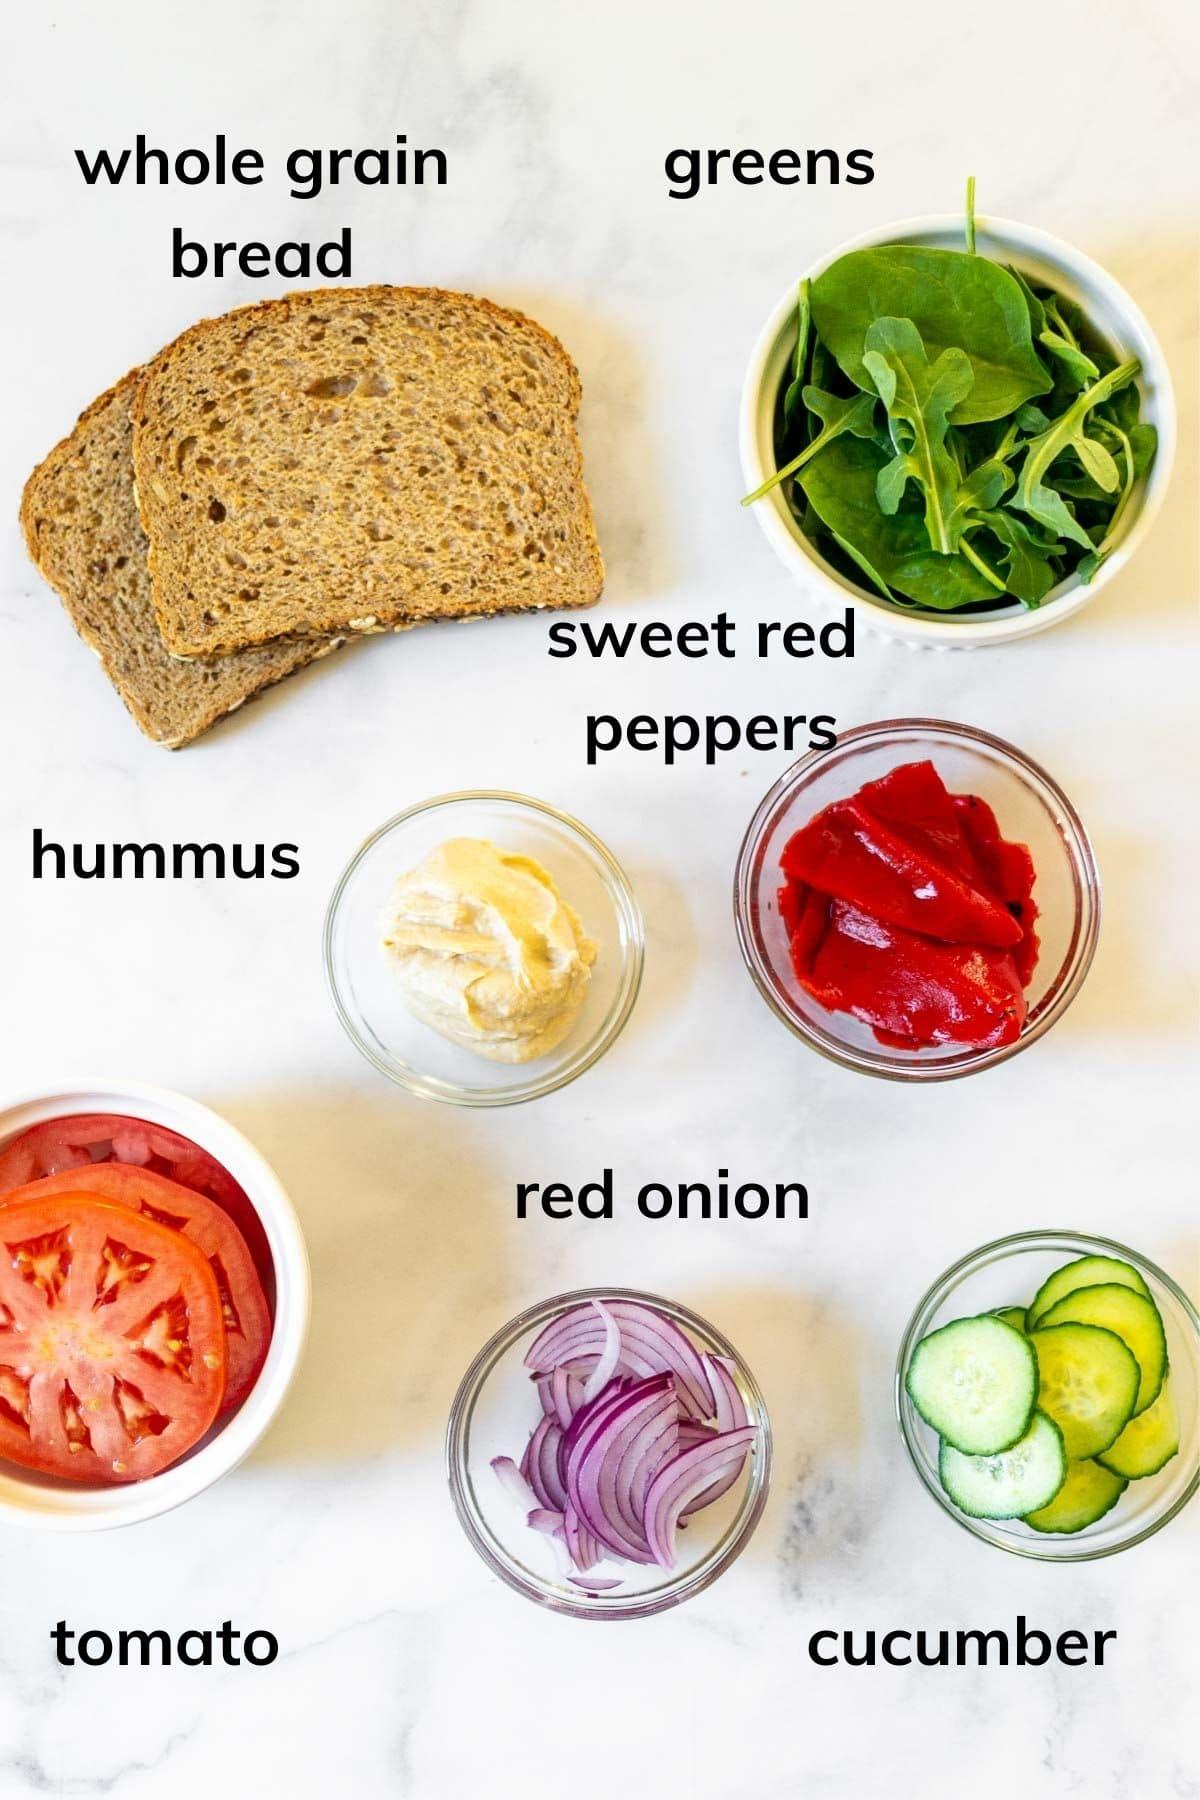 Ingredients needed to make copycat Panera Mediterranean Veggie Sandwich